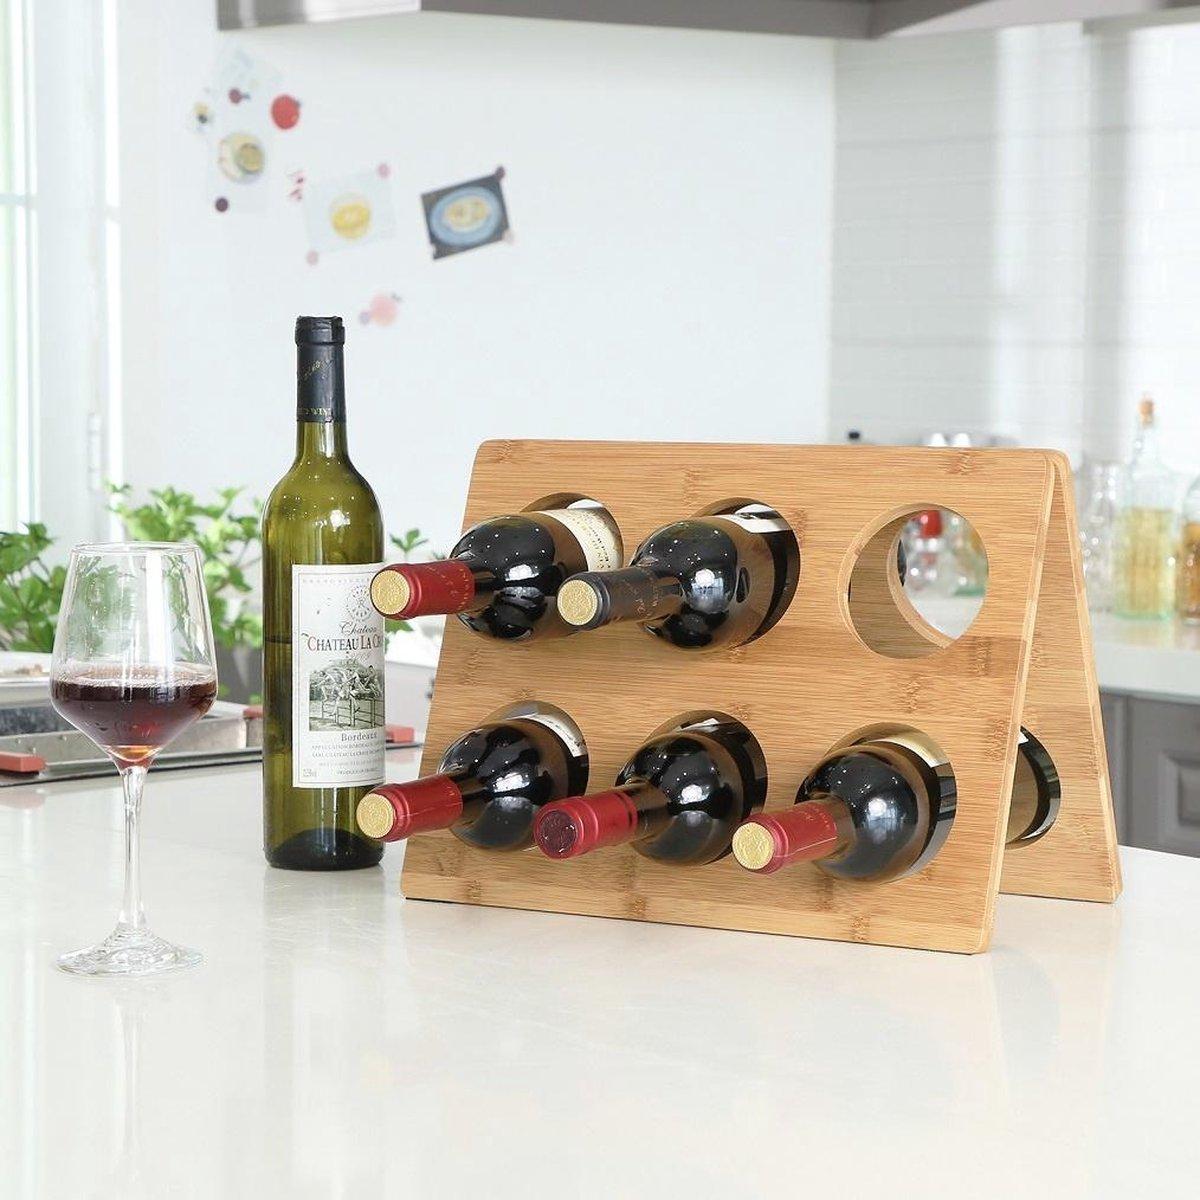 Decopatent® Wijnrek voor 6 flessen wijn - Design wijnrek - Chique -Bamboe - Hout - Wijnflessenrek - Flessenrek - Wijnflessen